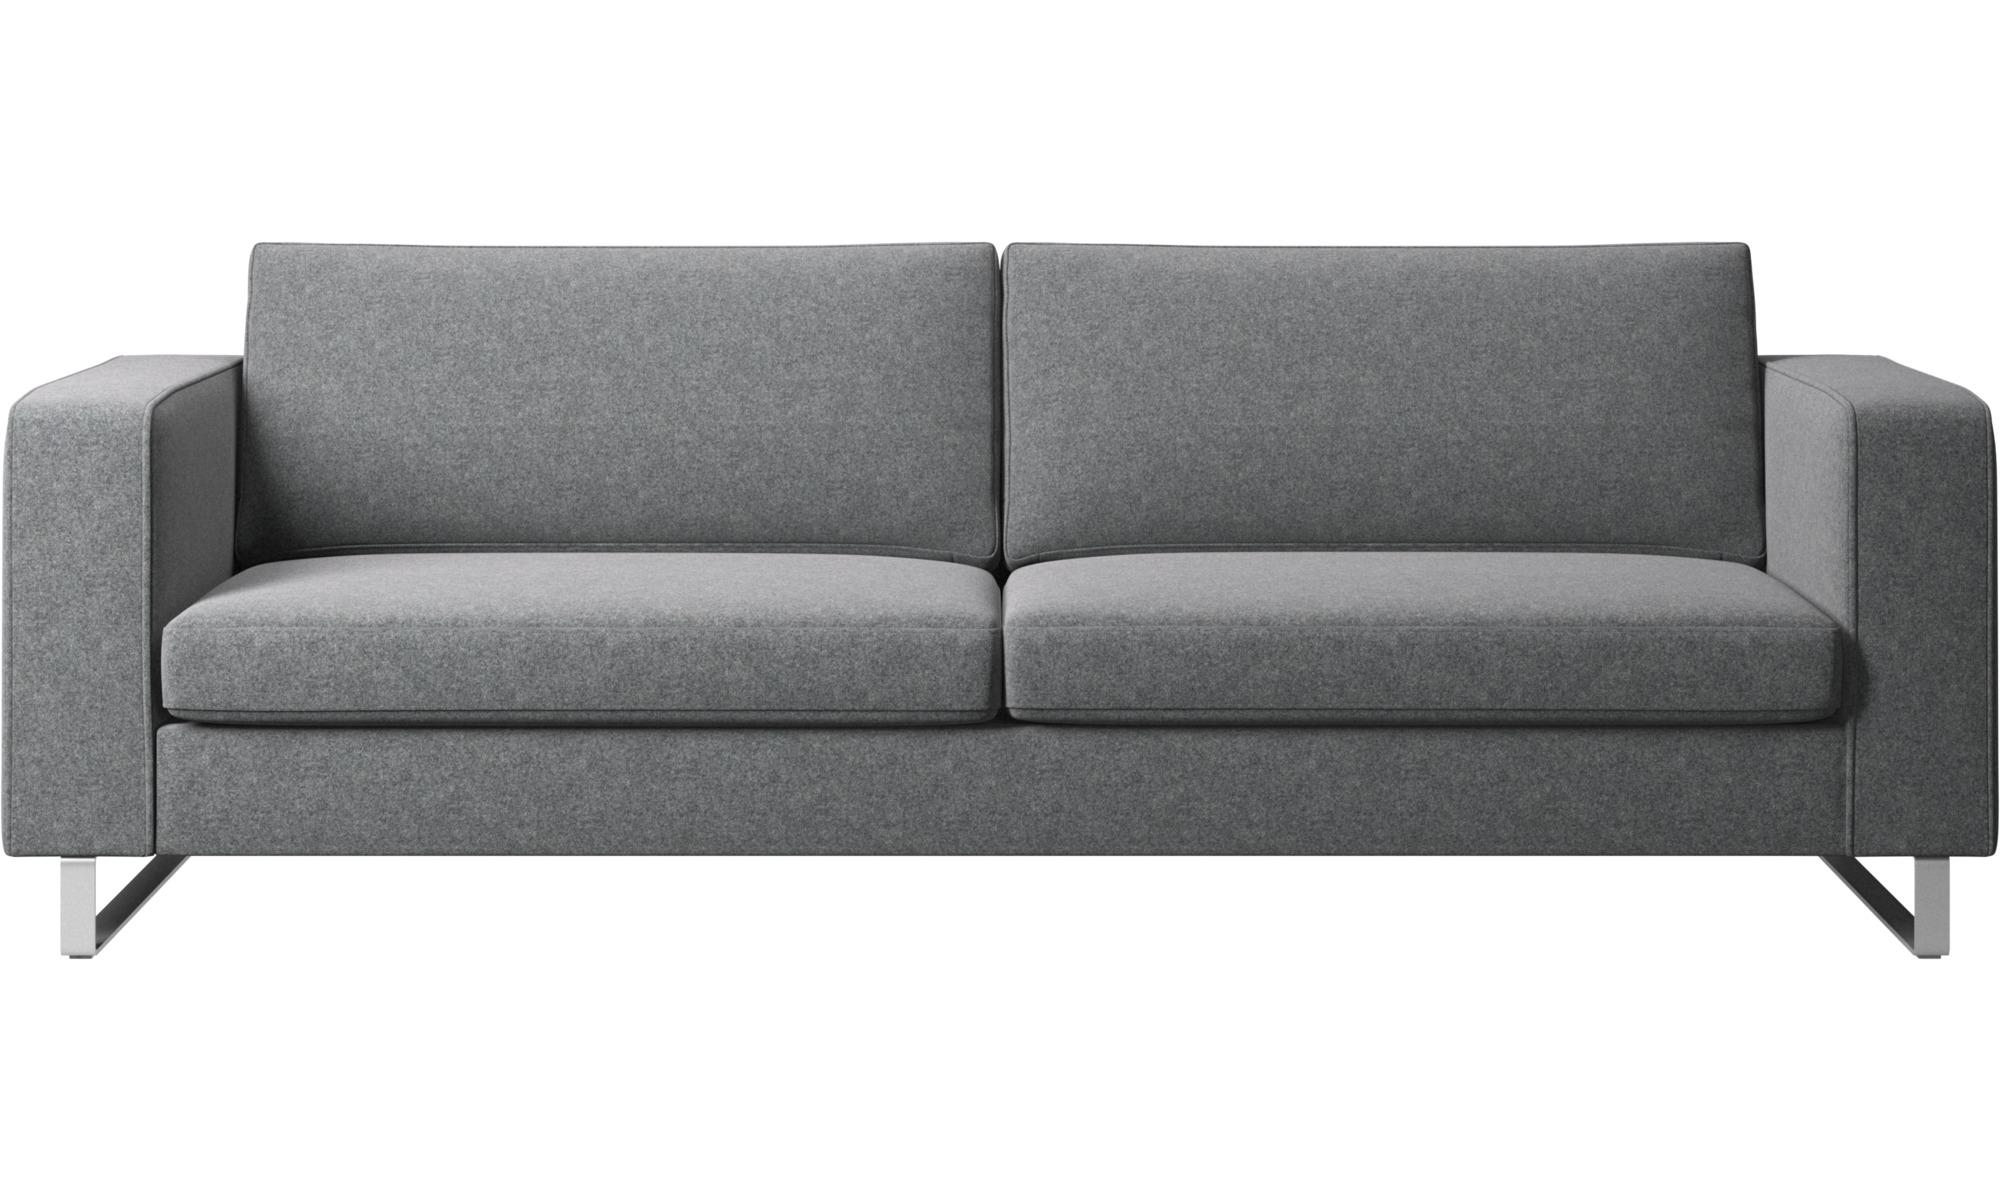 Full Size of Sofa Grau Stoff Reinigen Kaufen Chesterfield Gebraucht Big Meliert 3er Ikea Grober Couch 3 Sitzer Sofas Indivi Boconcept Garten Ecksofa überzug Sitzhöhe 55 Sofa Sofa Grau Stoff